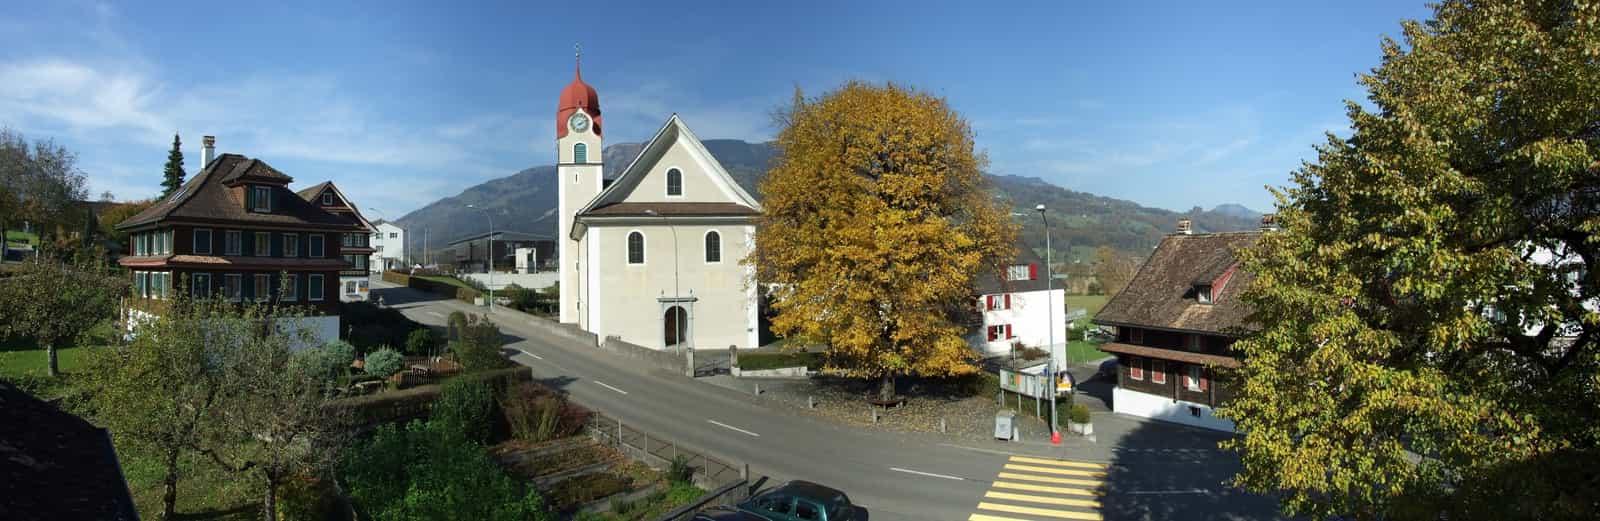 Ortskern von Lauerz mit Kirche